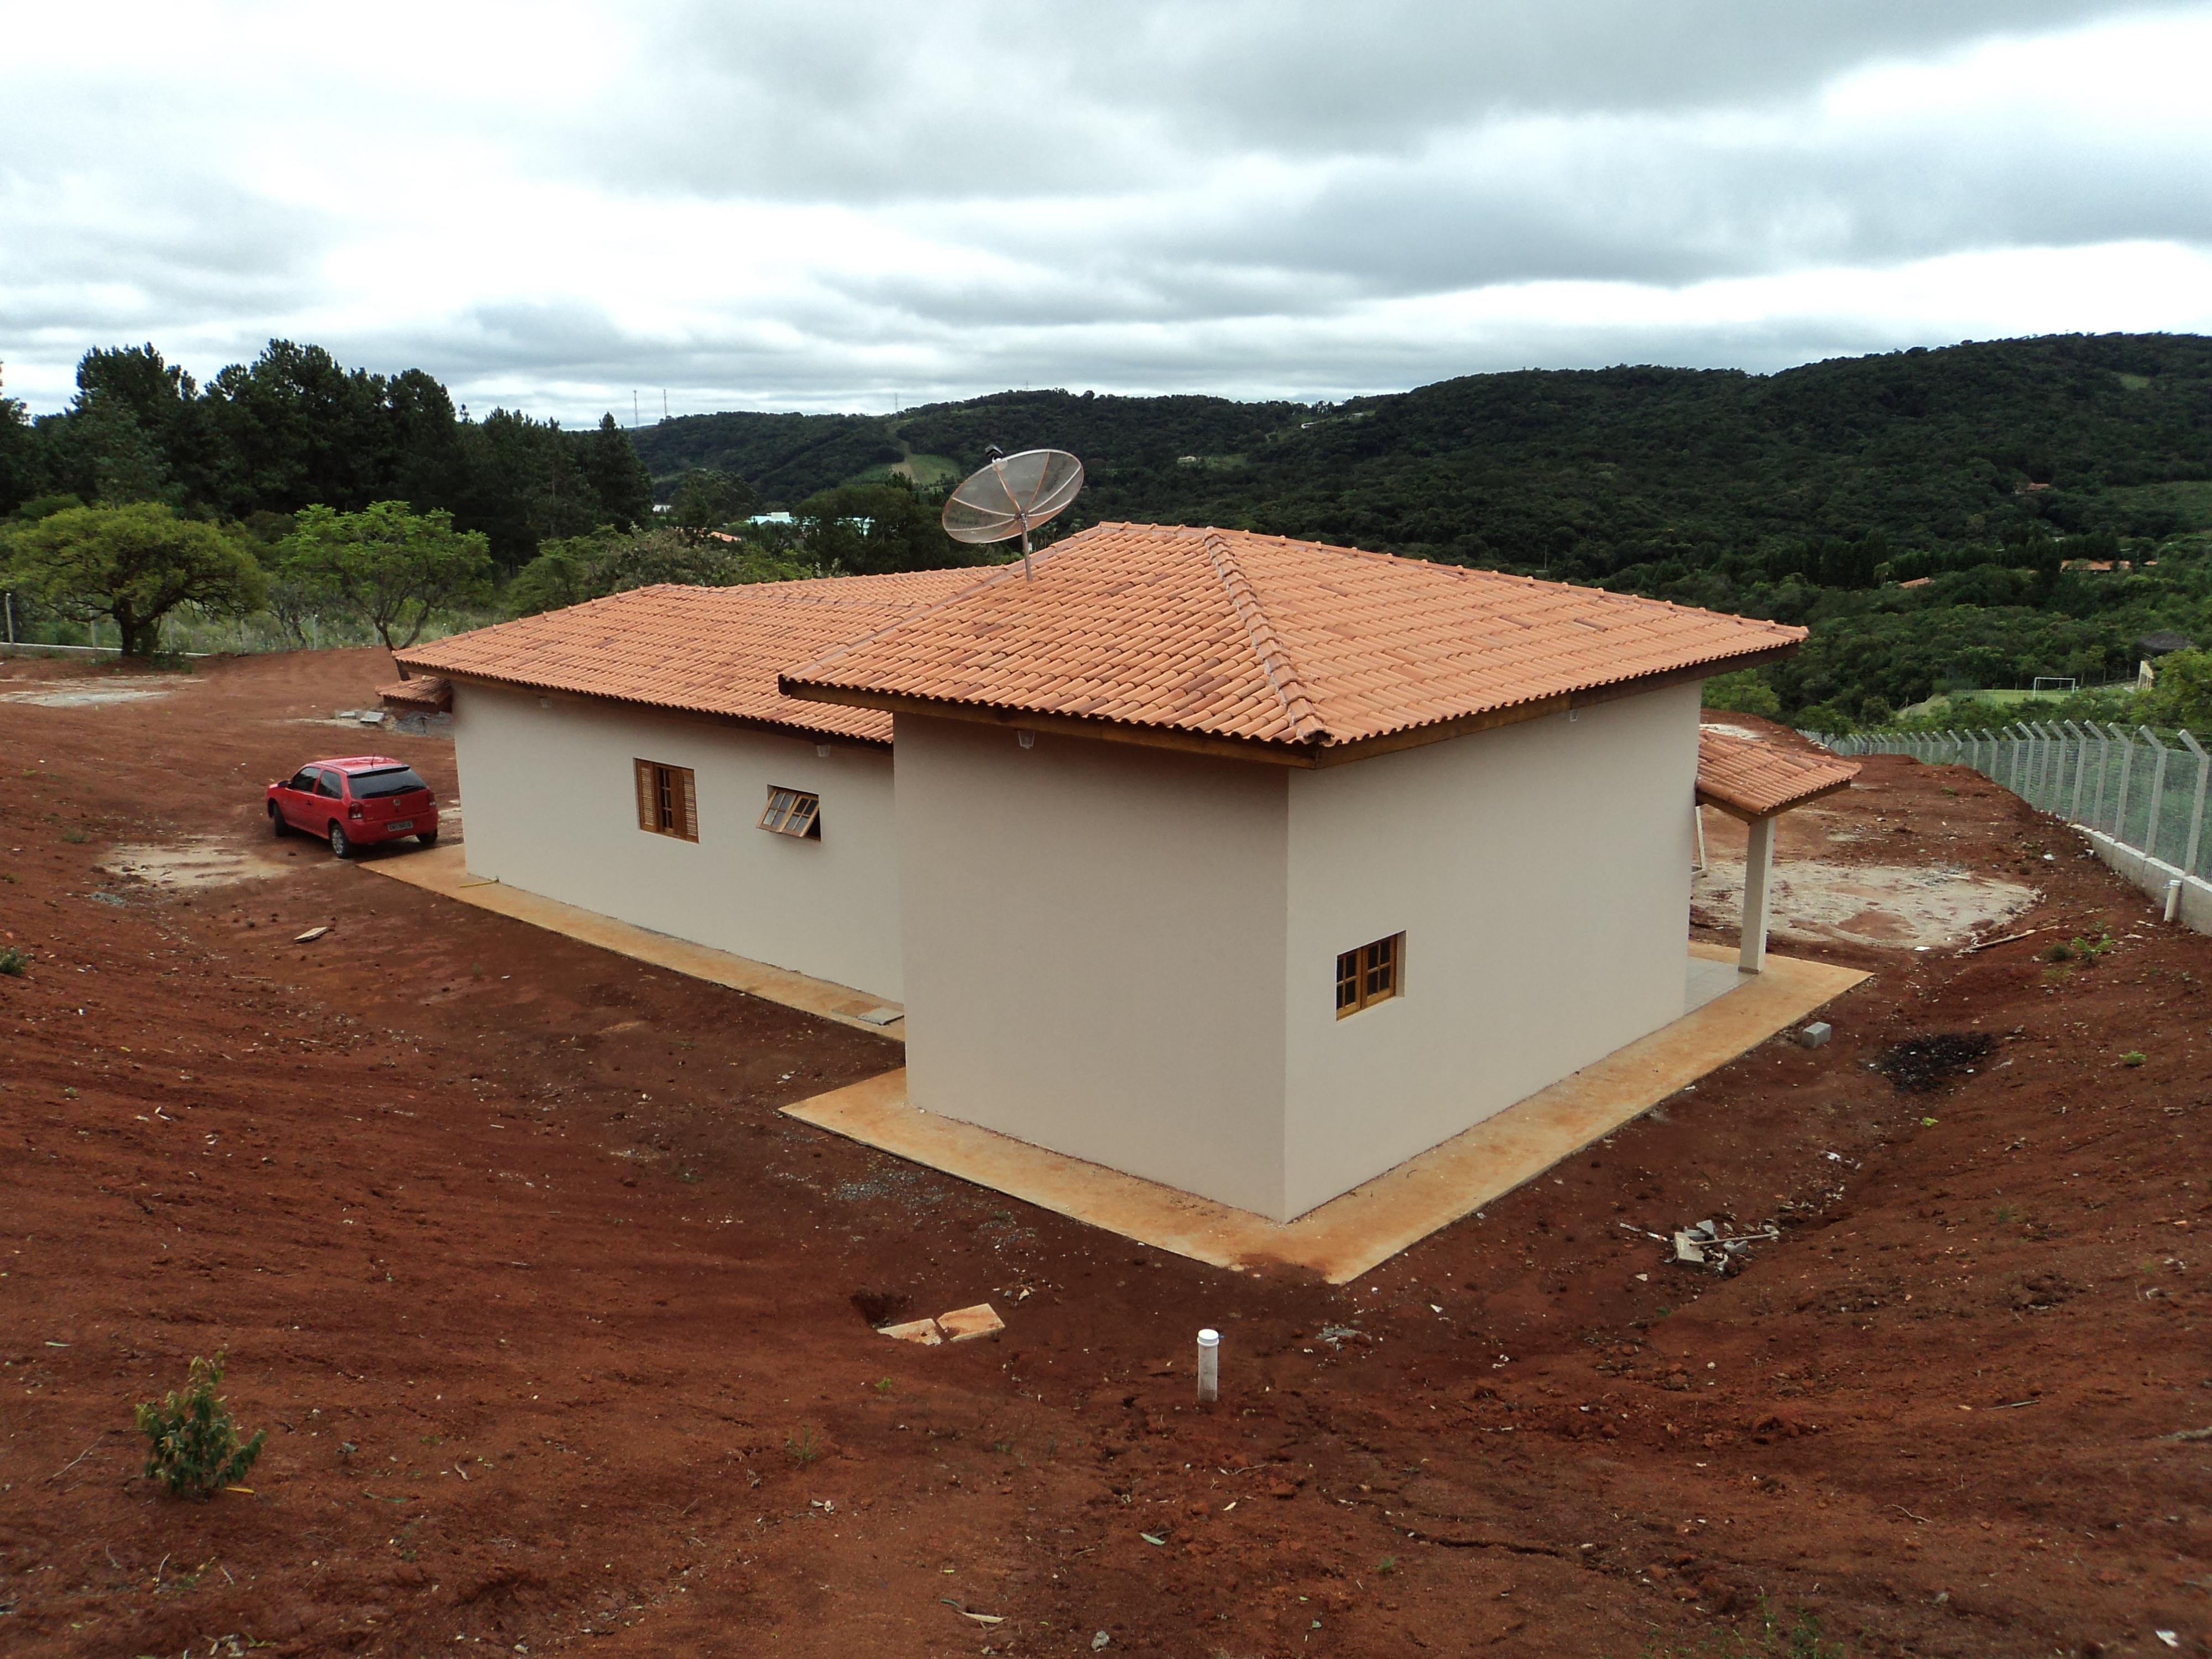 Casa constru o ana 3 viegas constru es - Fotos de recibidores de casas ...